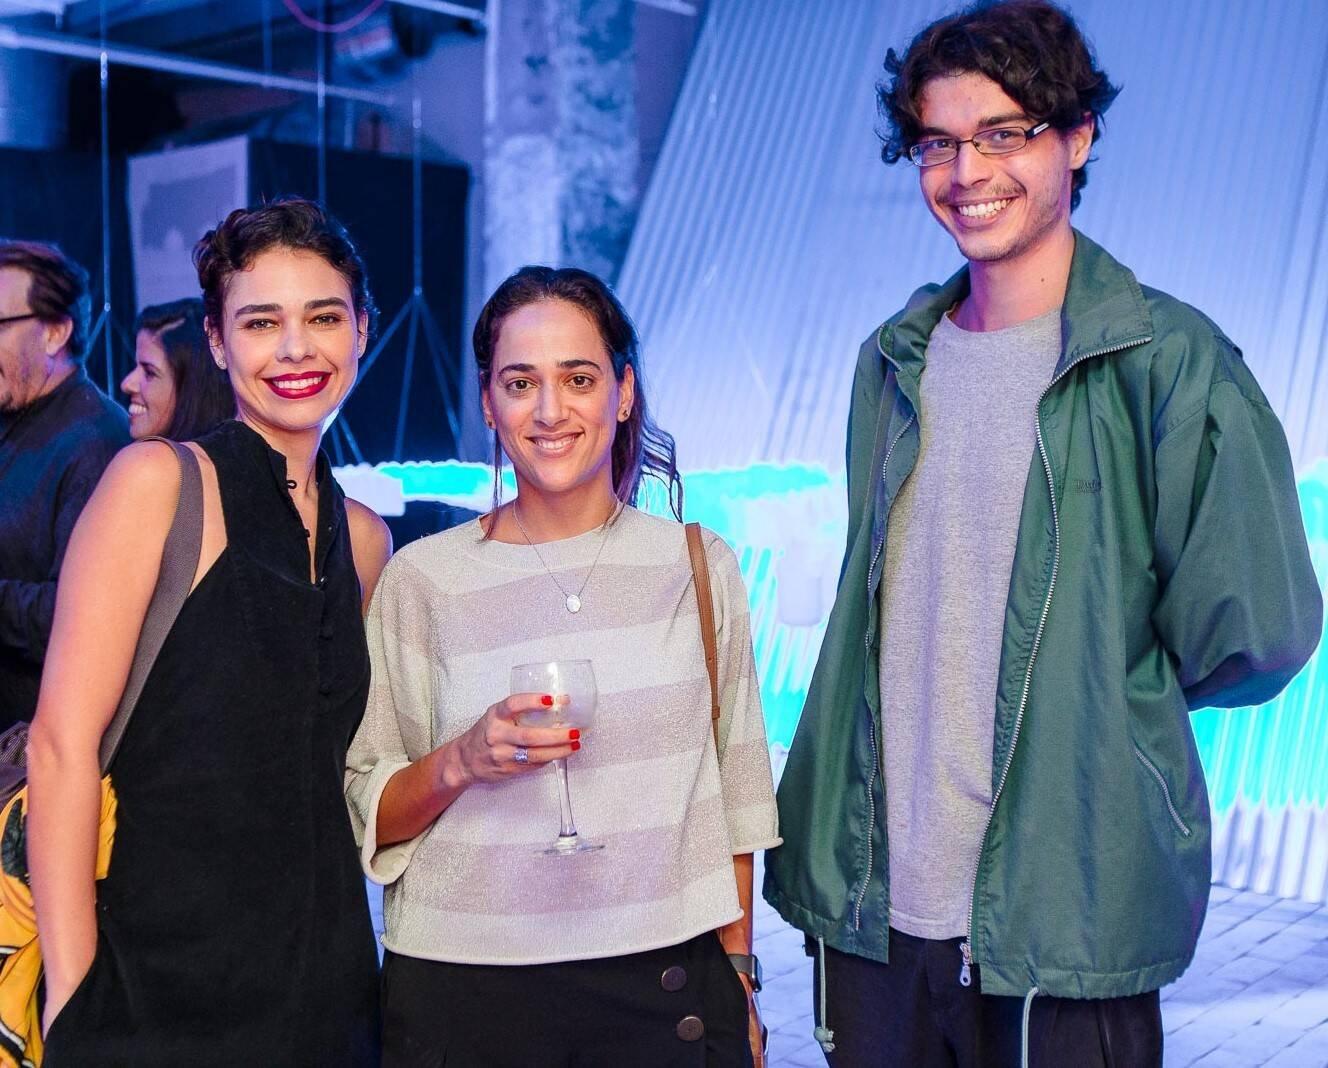 Maria Duarte, Beta Mellin e João Wladmiri Bernardes /Foto: Bruno Ryfer